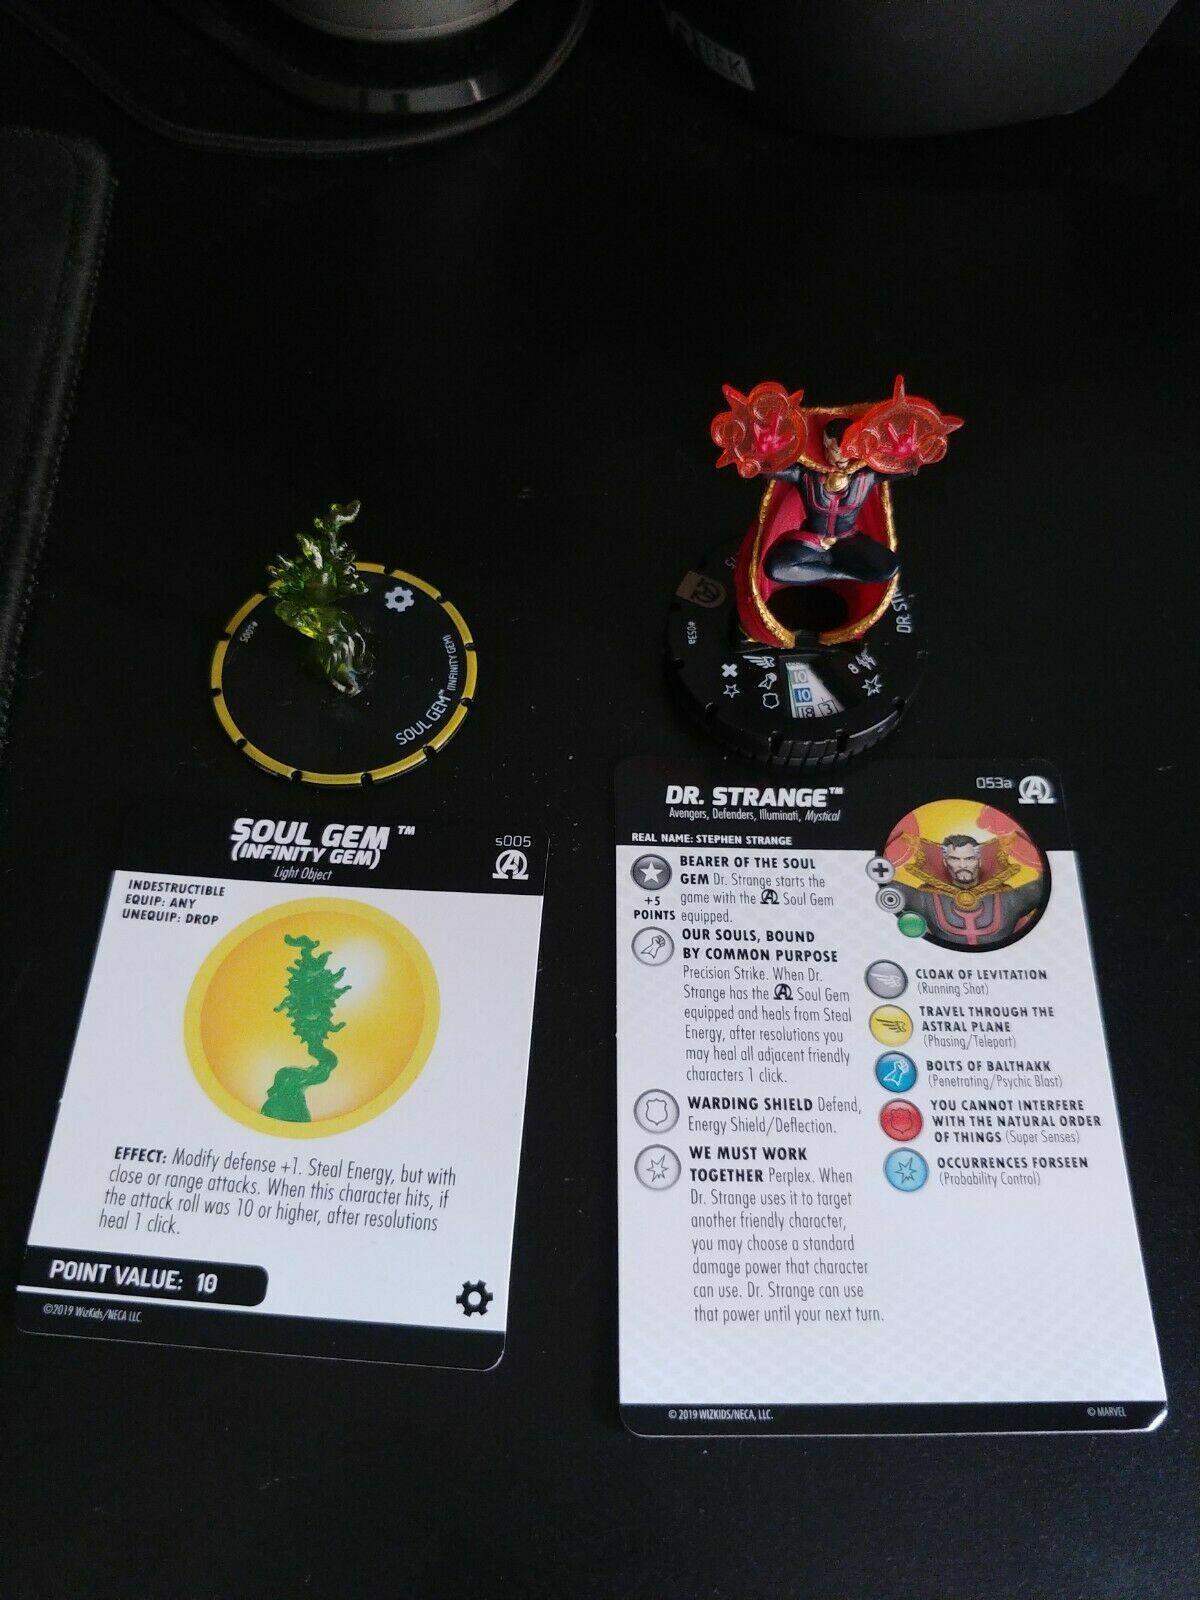 Heroclix Dr. extraño 053a Soul Gem s005 negro Panther & Illuminati Super Raro 53